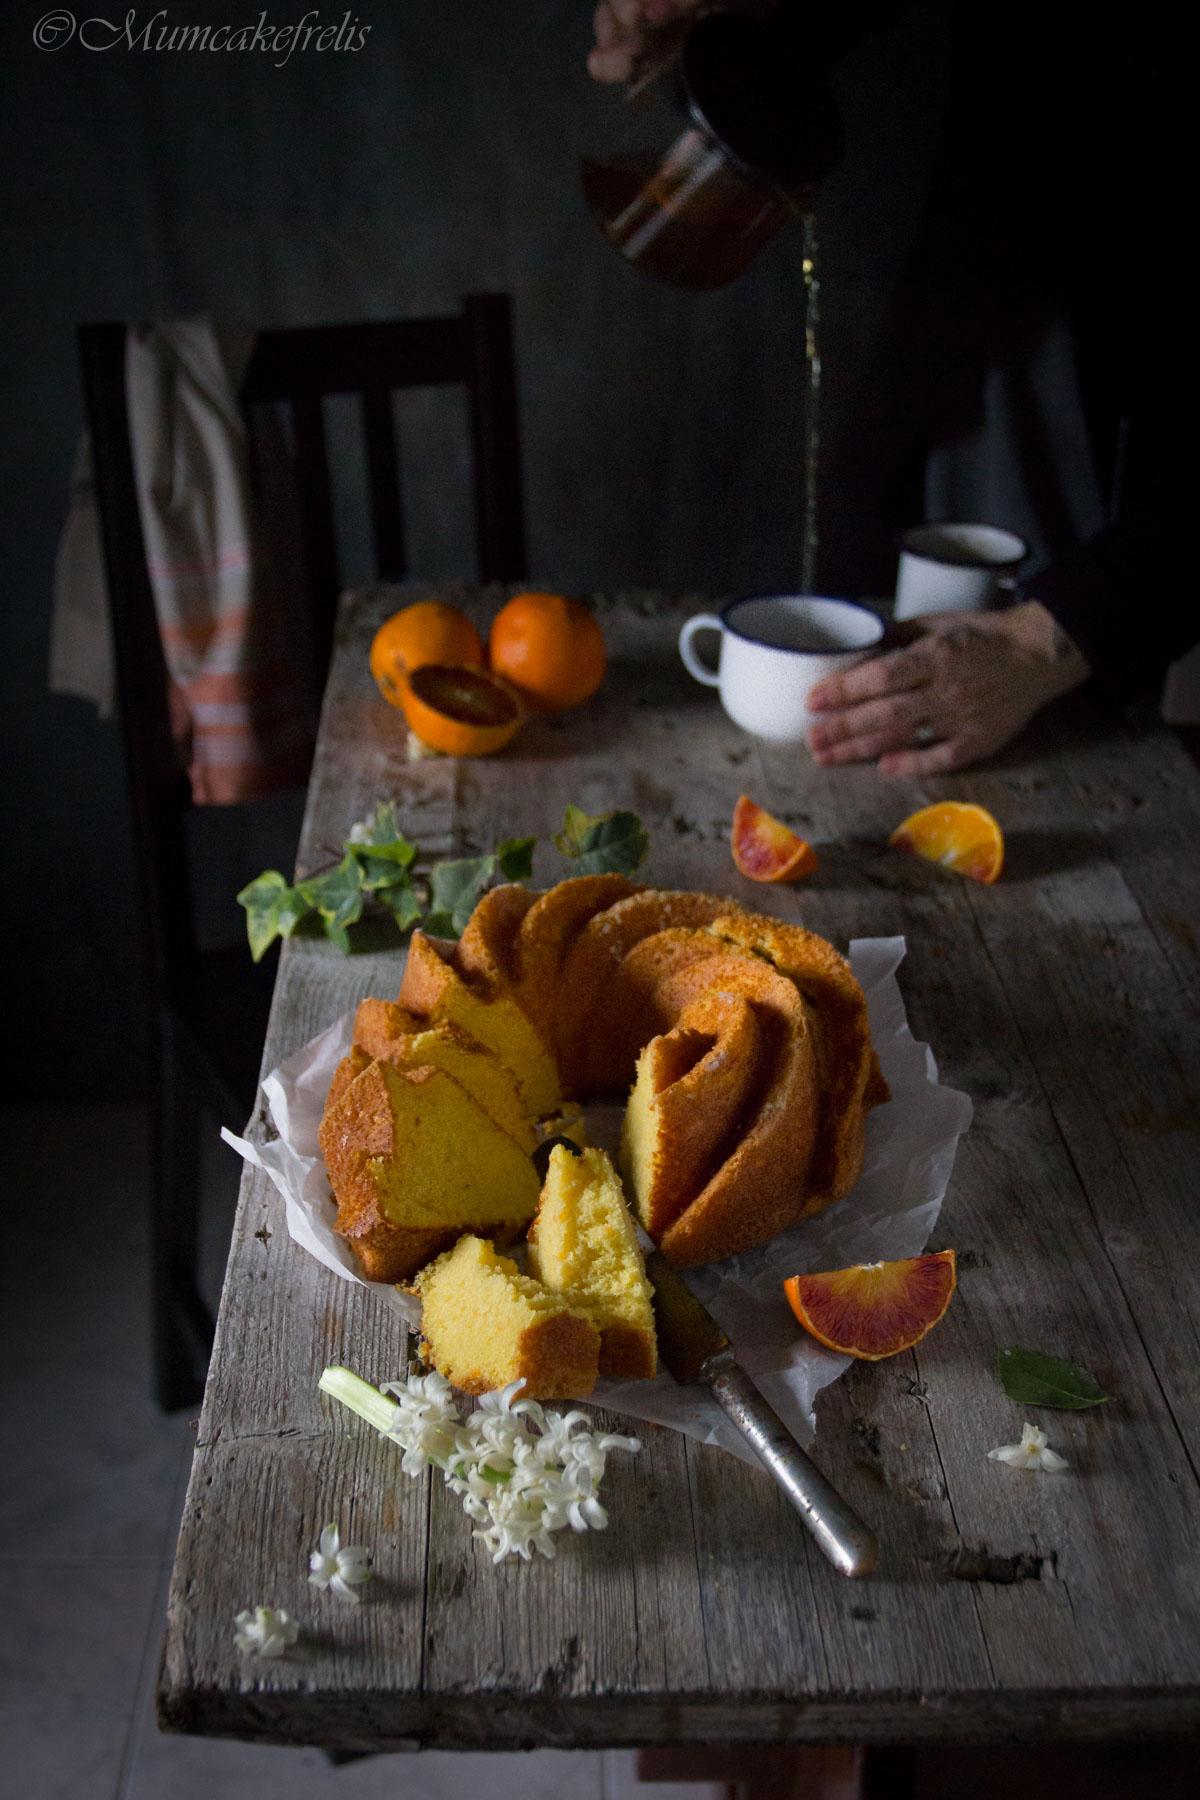 pan d'arancio palermo